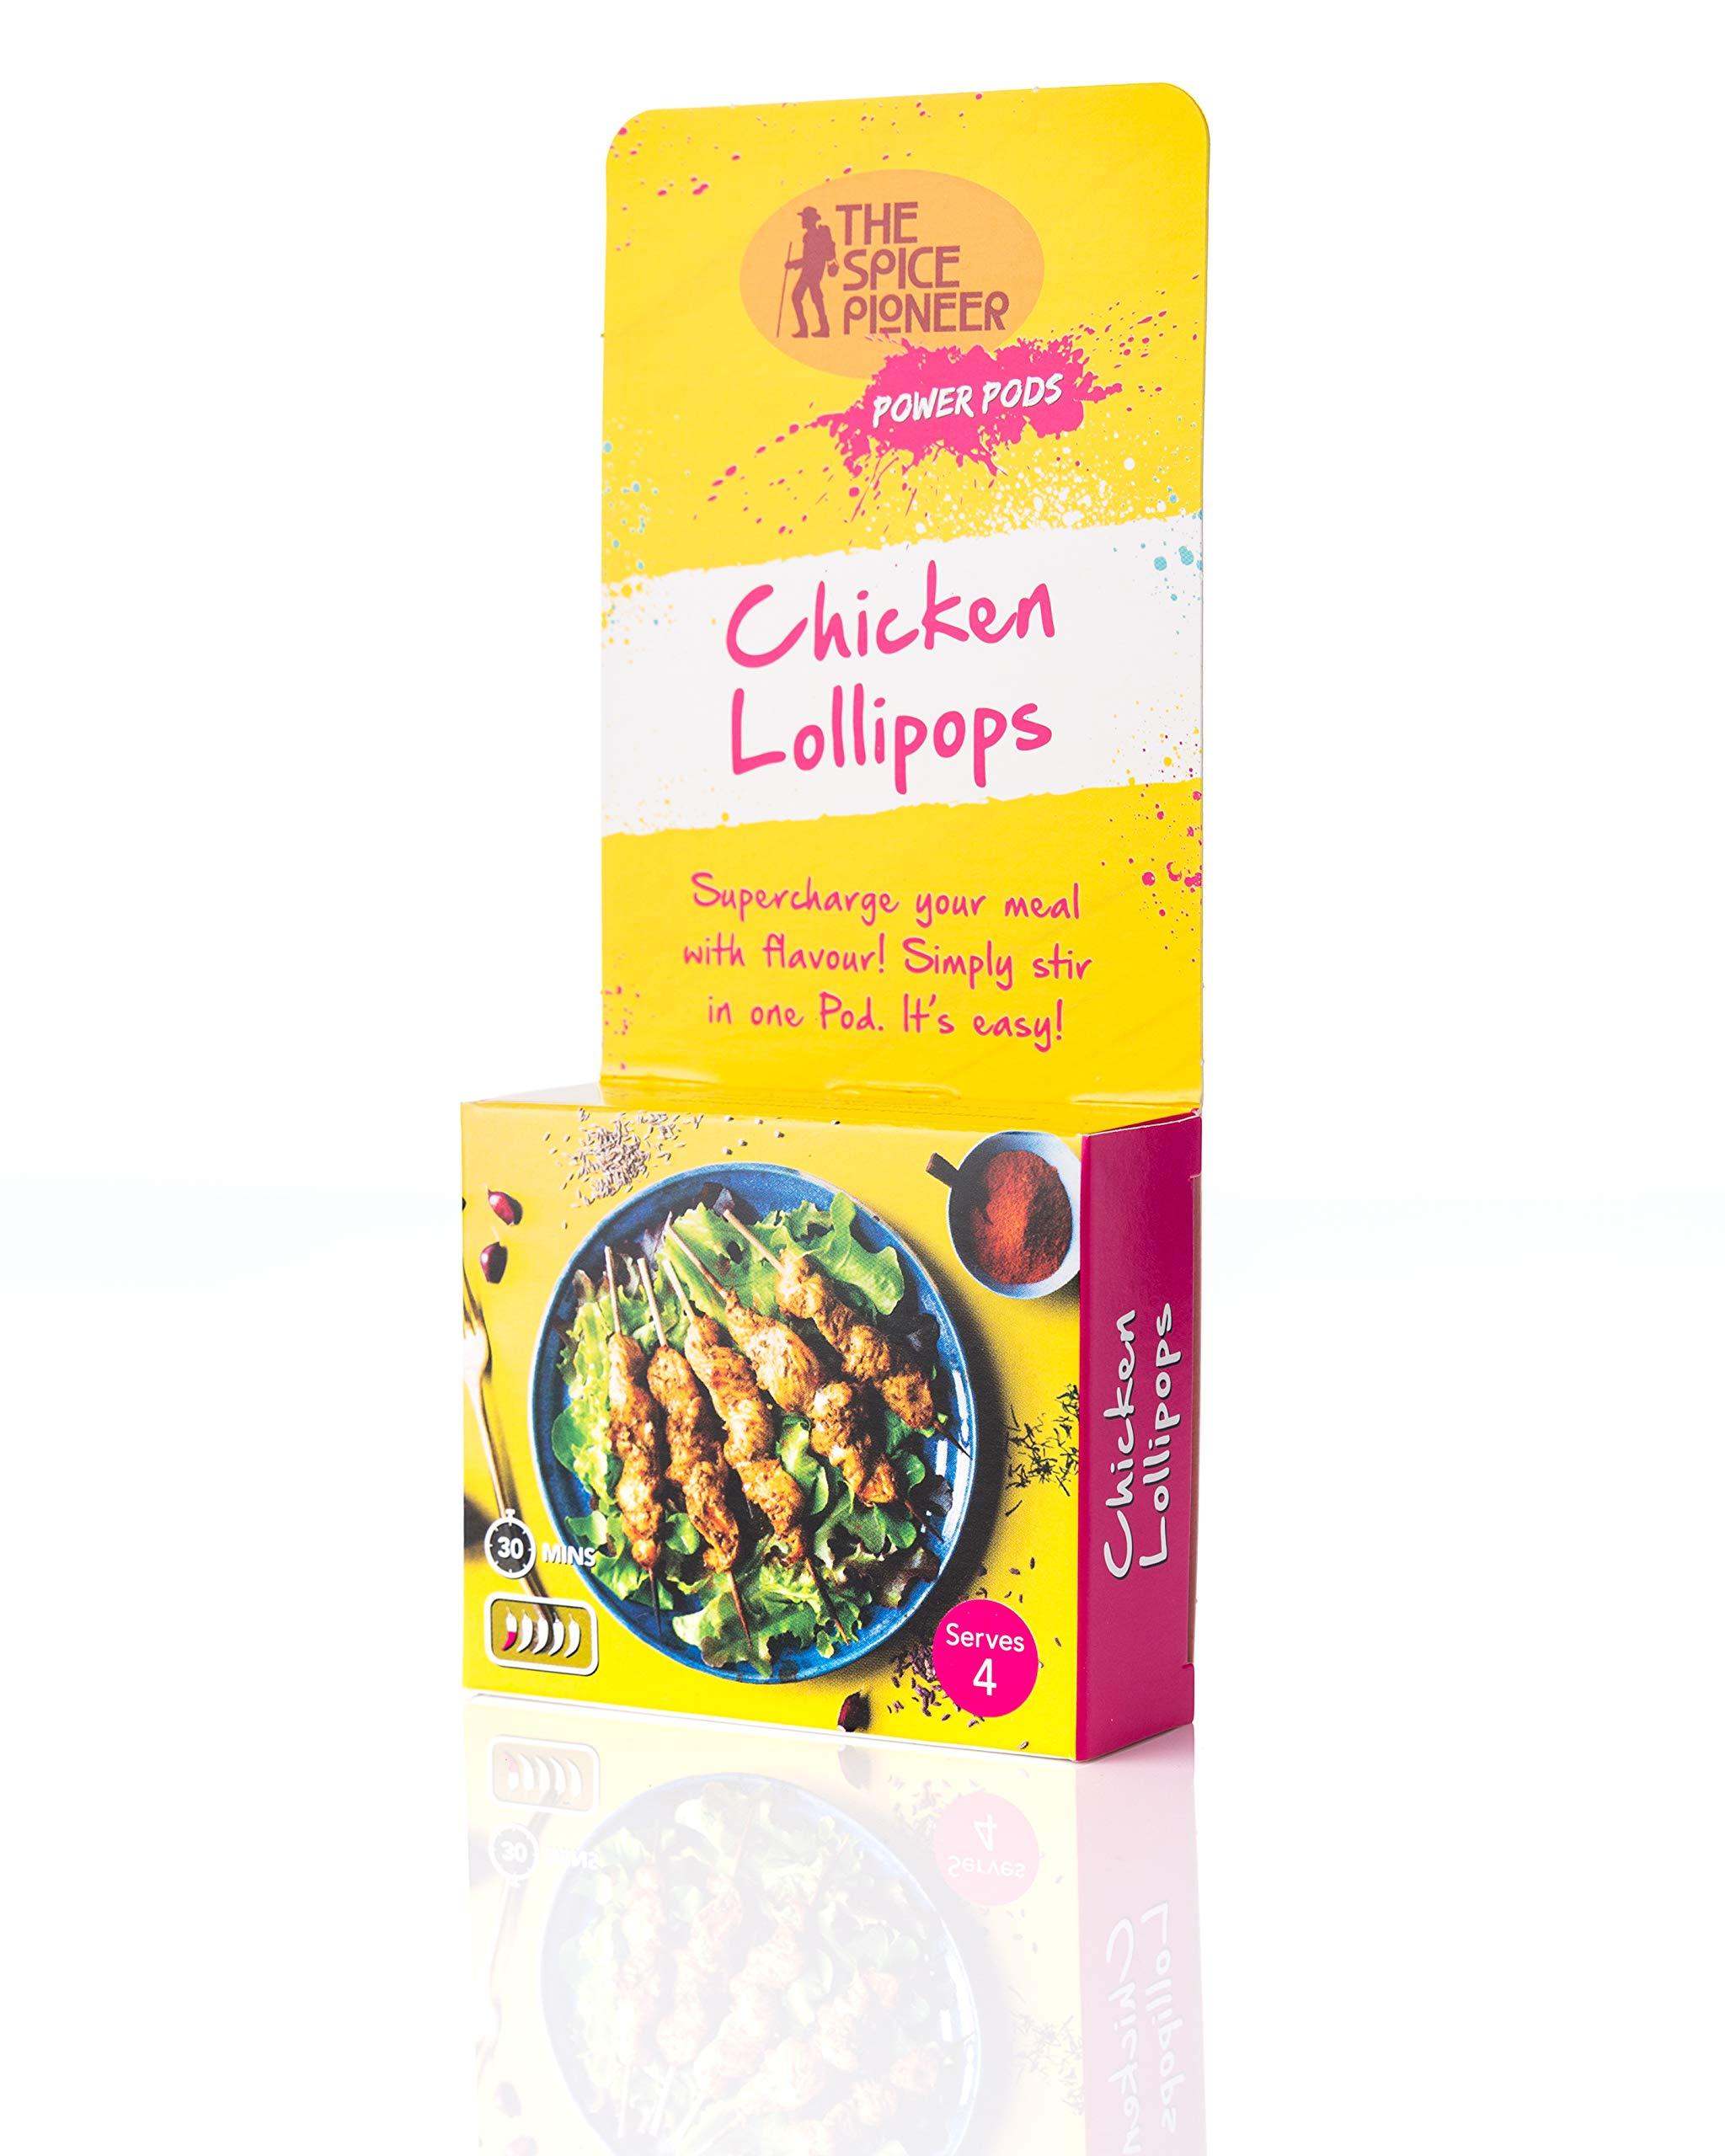 Spice Pioneer Power Pods (Chicken Lollipops)